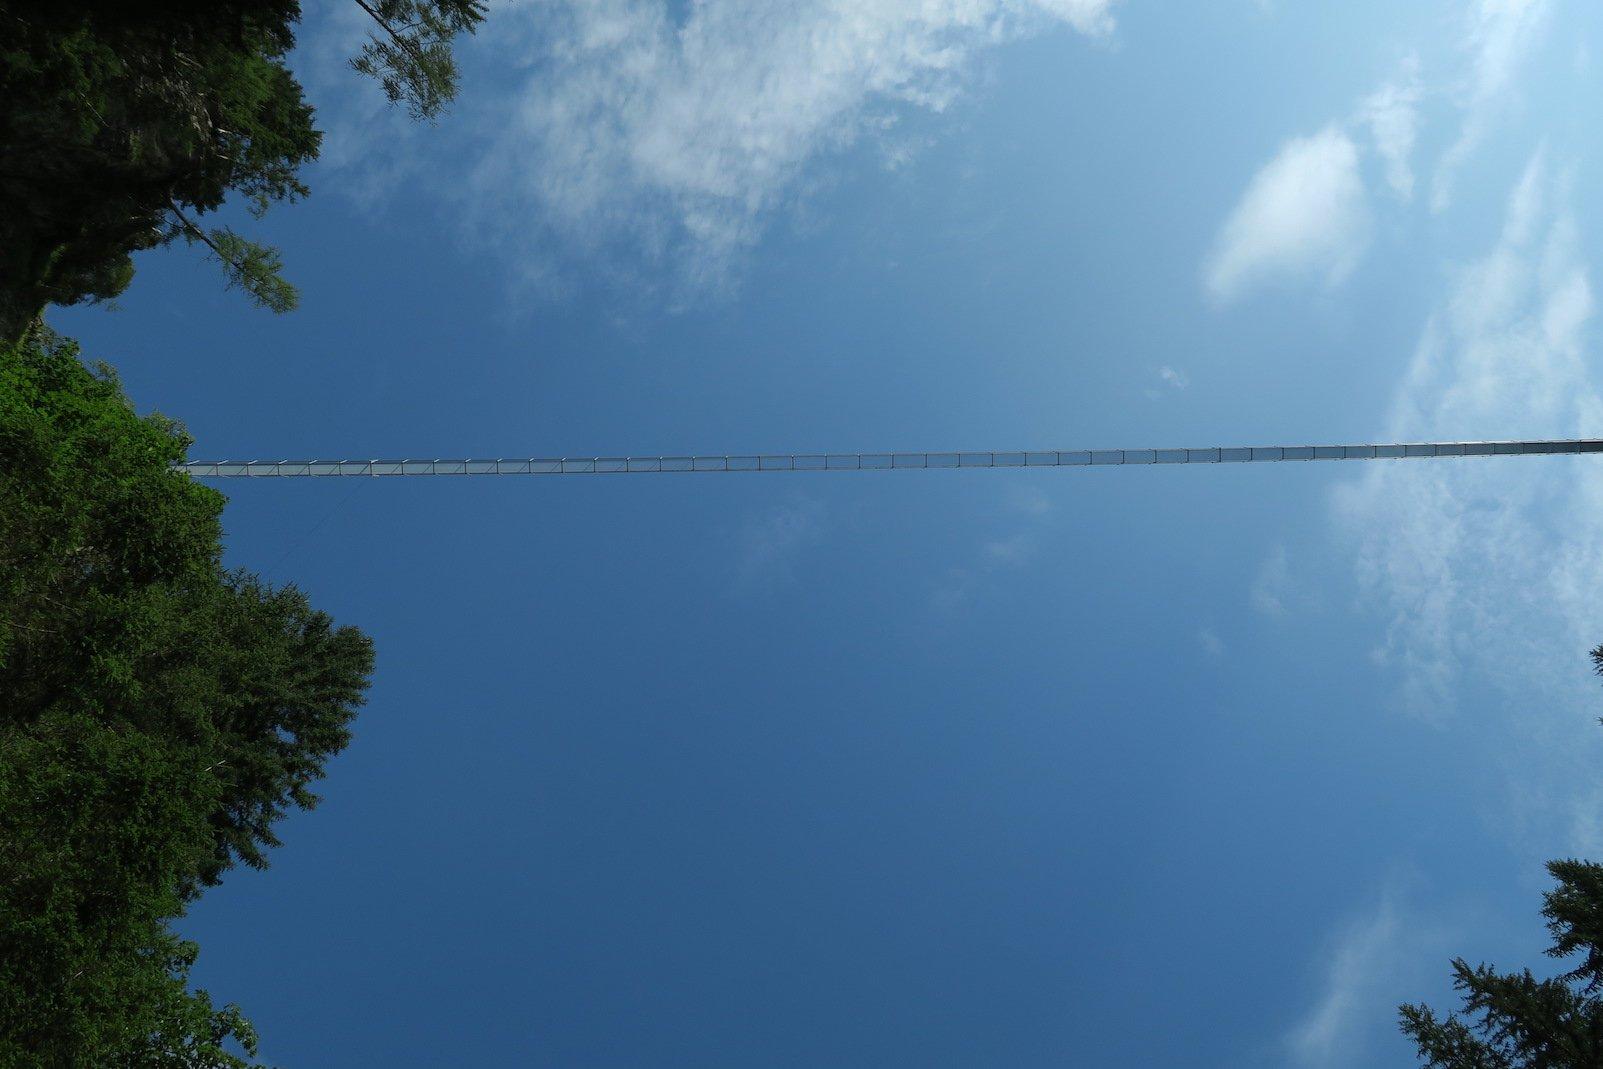 Verdammt, ist das hoch... die Hängebrücke in Holzgau direkt über mir